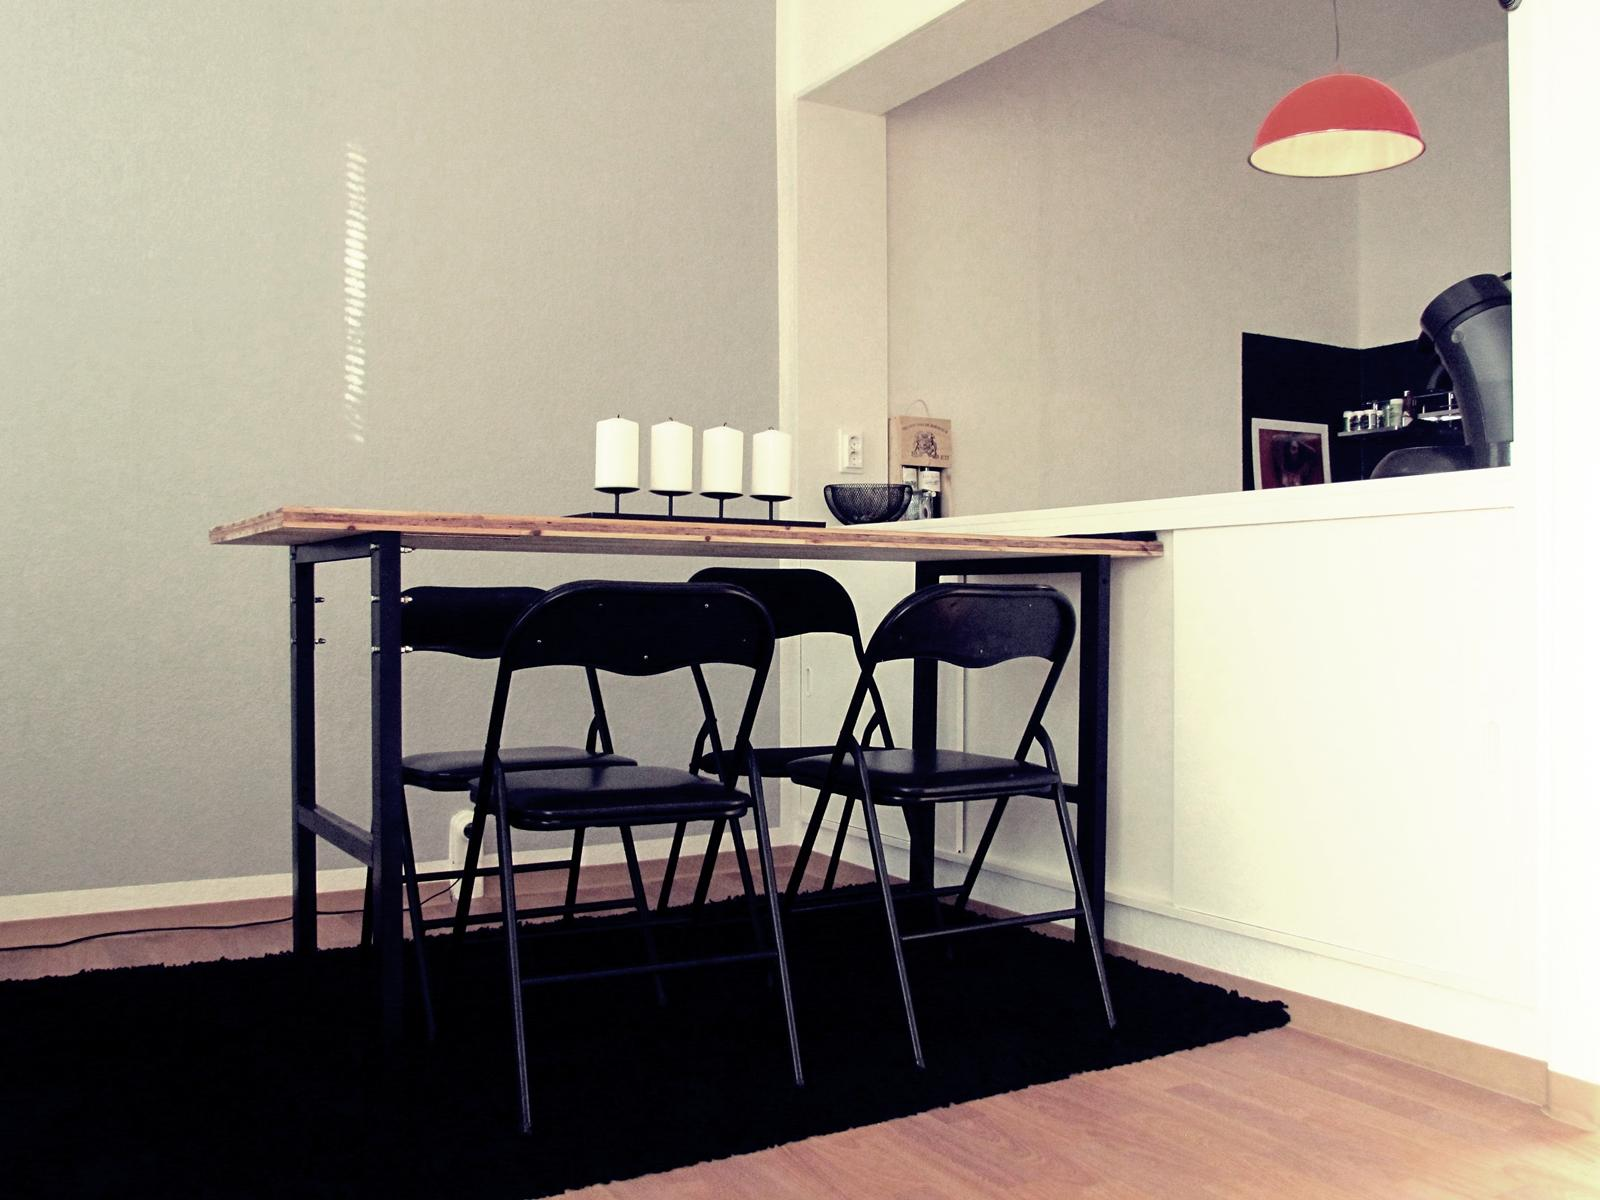 Werkbank Zum Esstisch Umfunktioniert #stuhl #klappstuhl #hängeleuchte  #industriedesign #tisch #werkbank